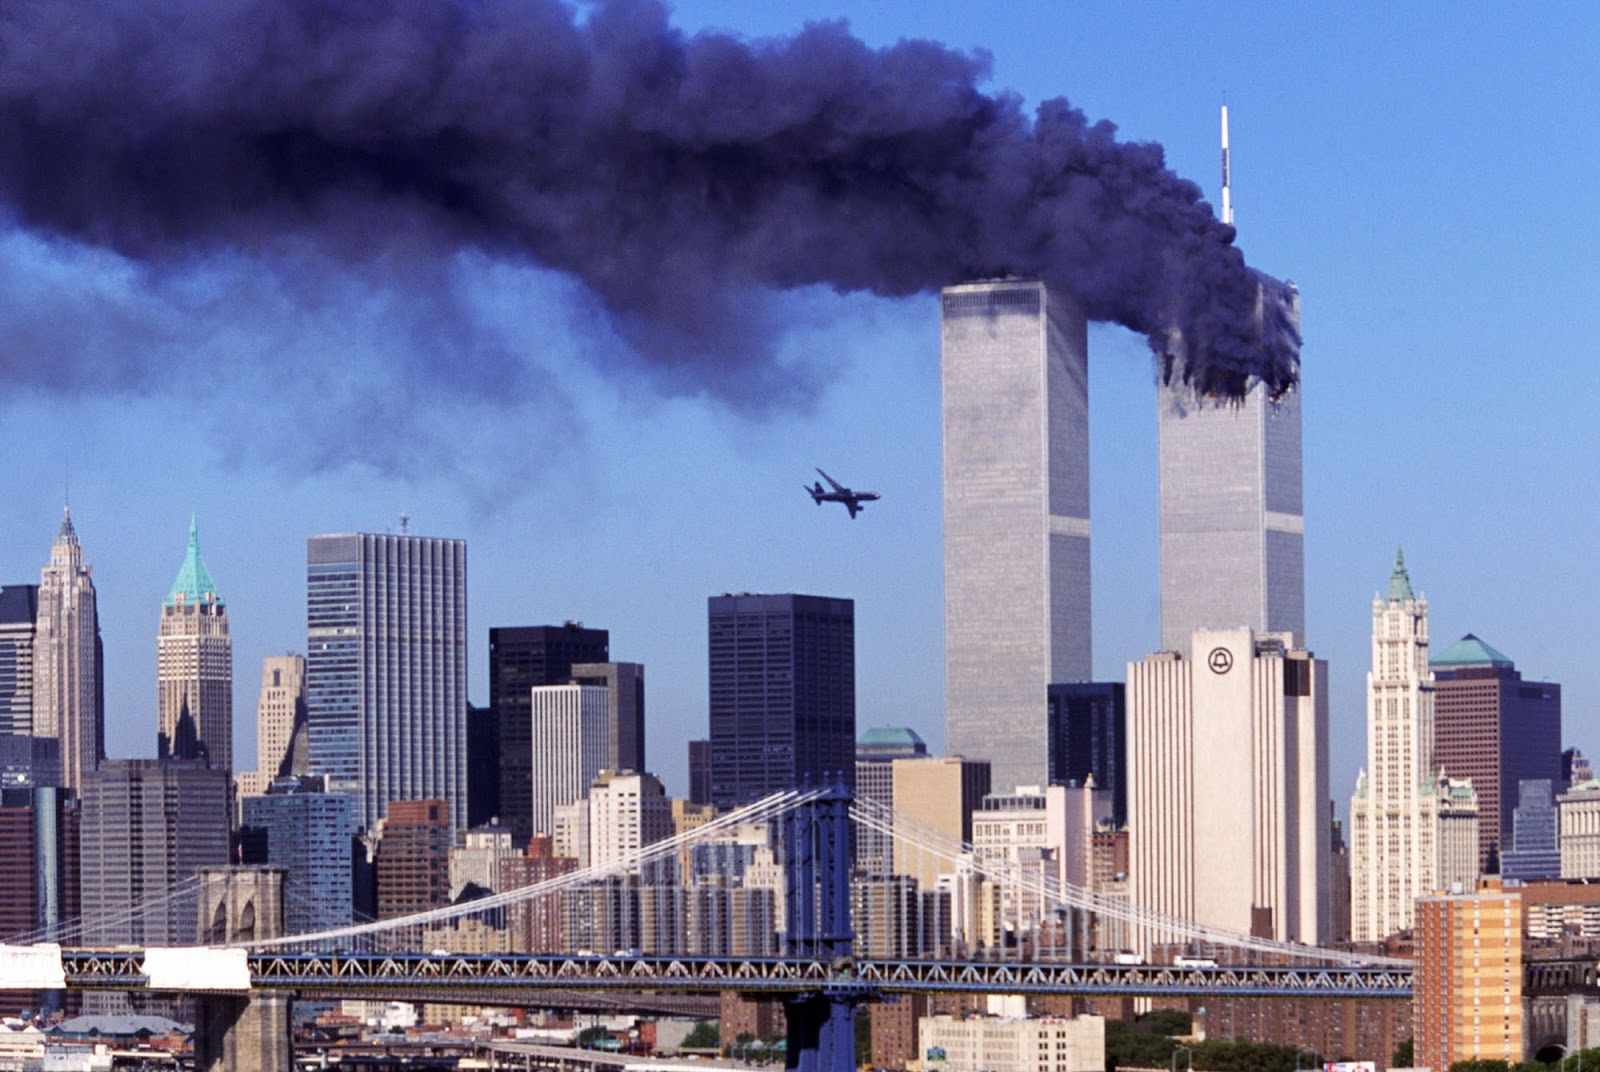 6. 11 september